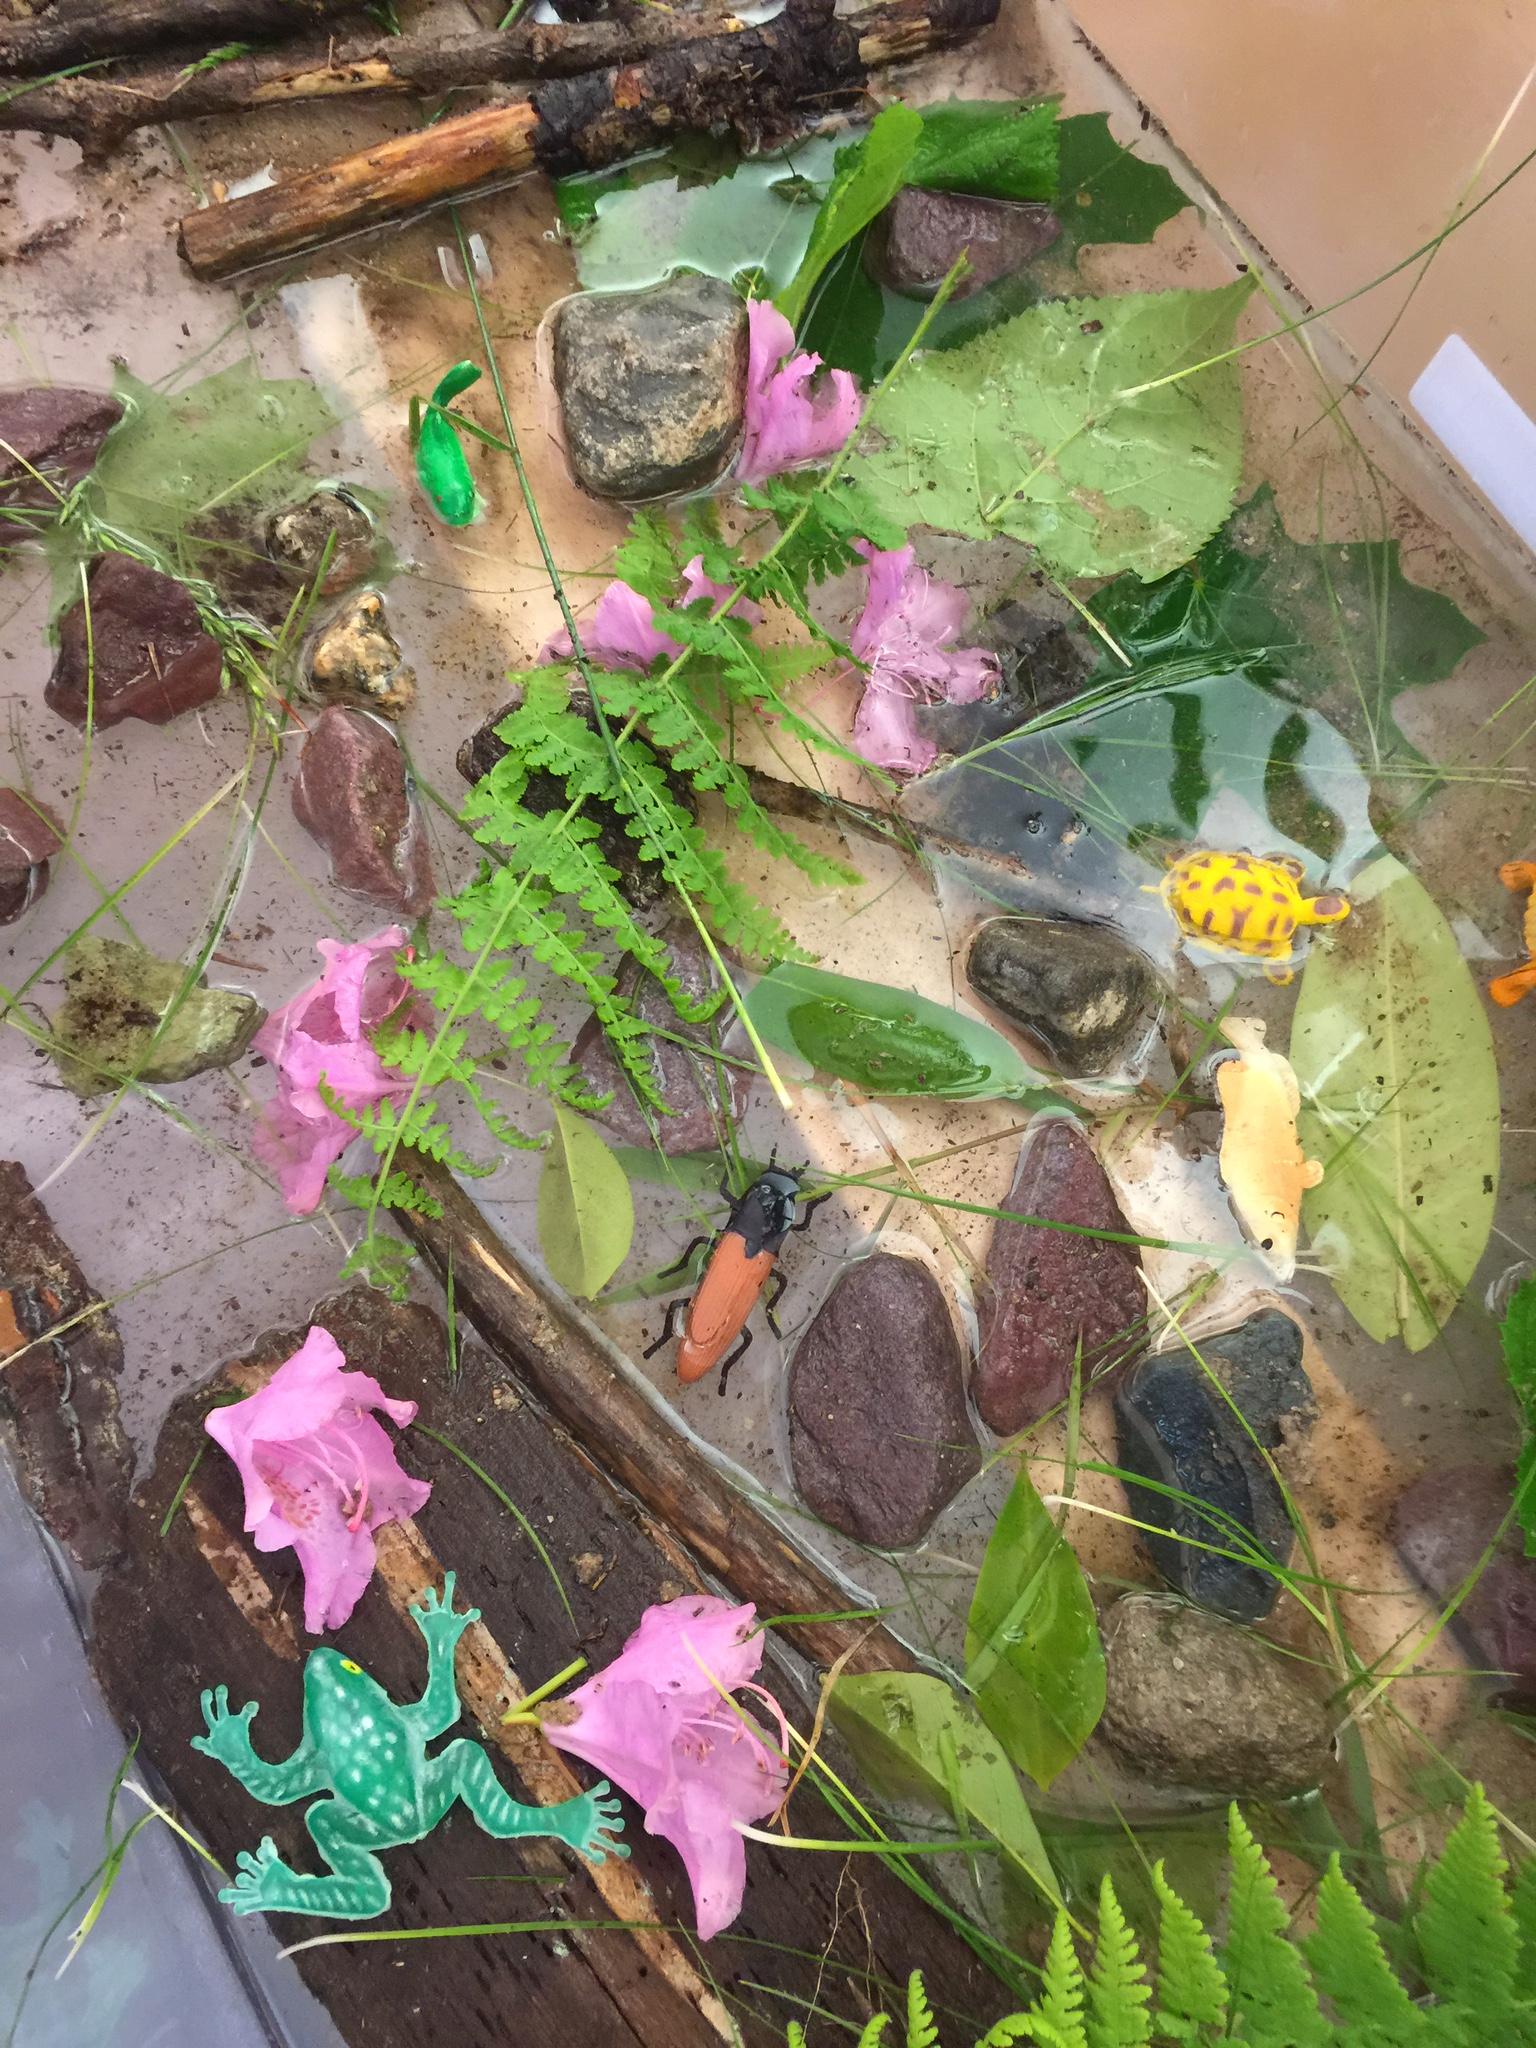 This Week in PreKindergarten #33: Metamorphosis est Completum Nostris